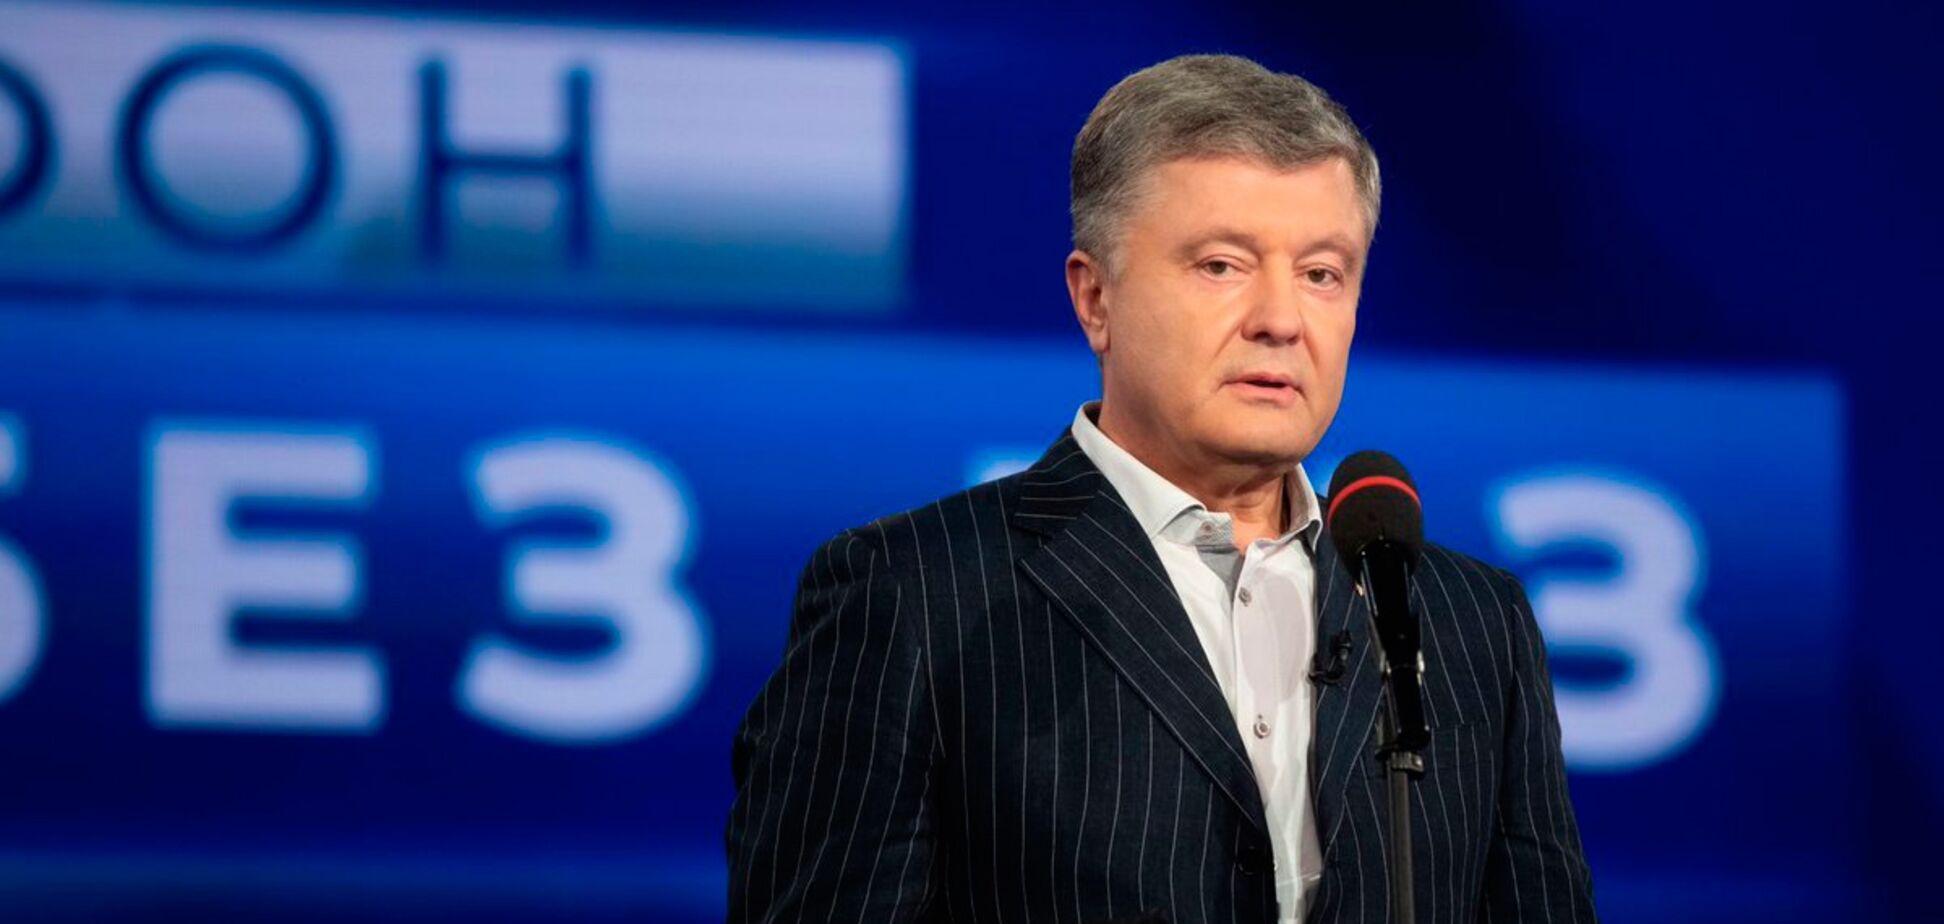 Намерение арестовать Порошенко - позор для Зеленского, - Аслунд